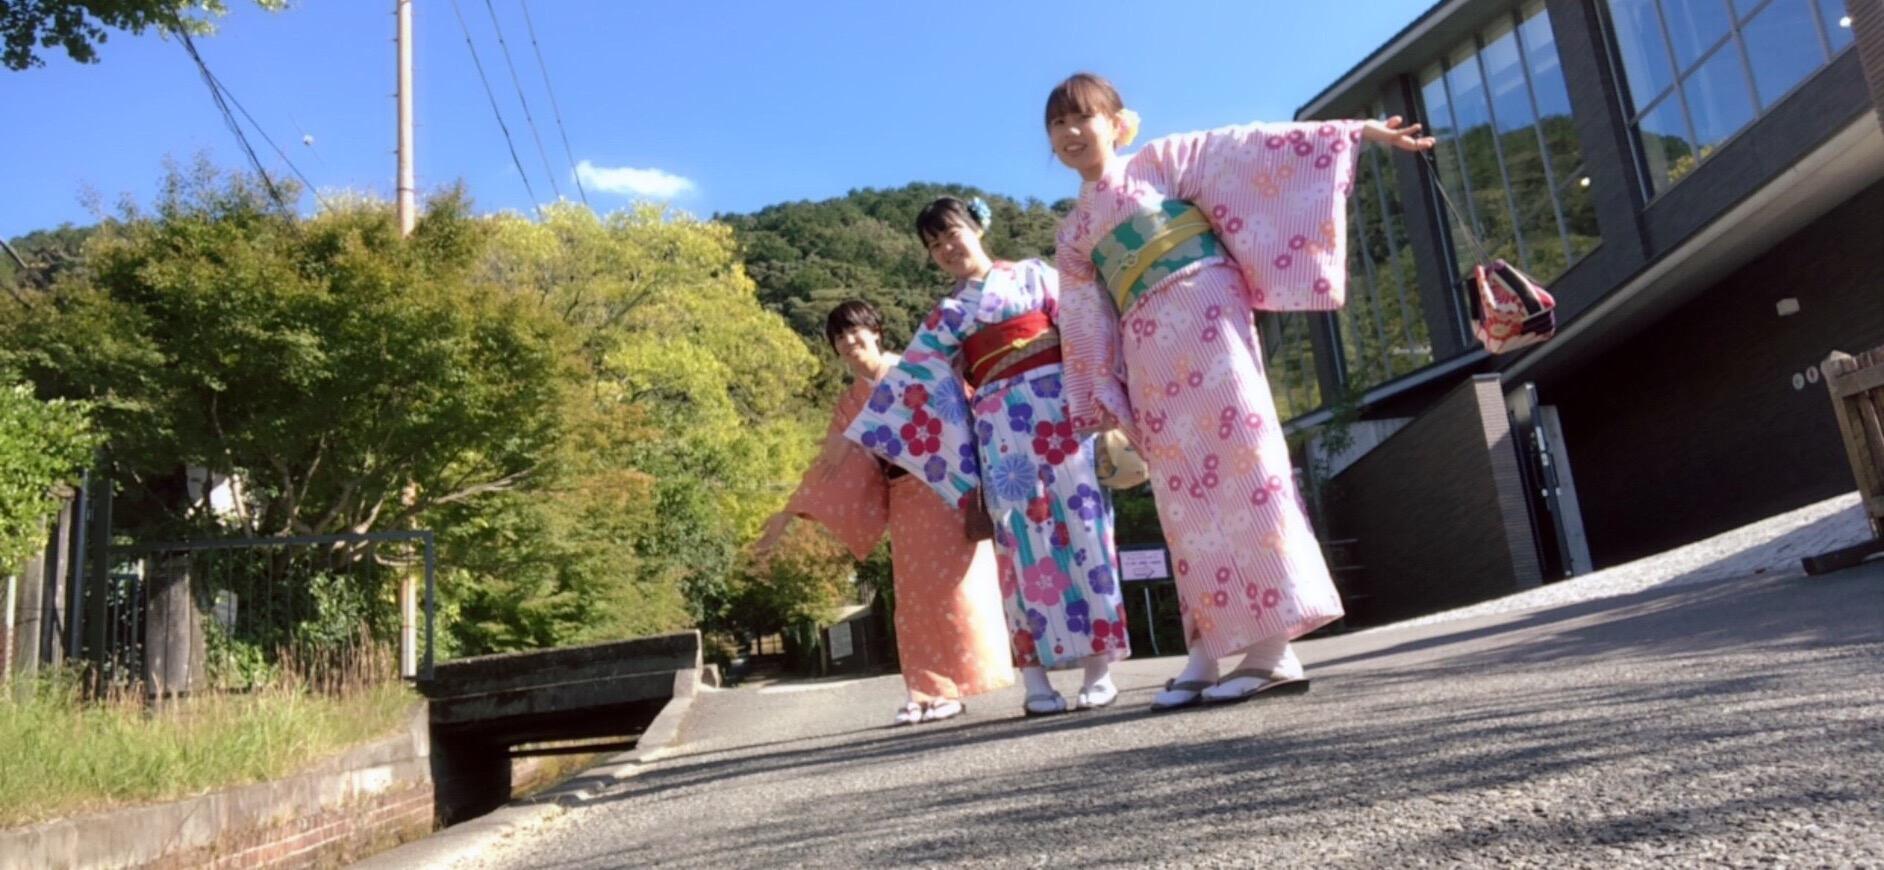 伏見稲荷大社からJRで嵐山へ♪2018年10月28日4